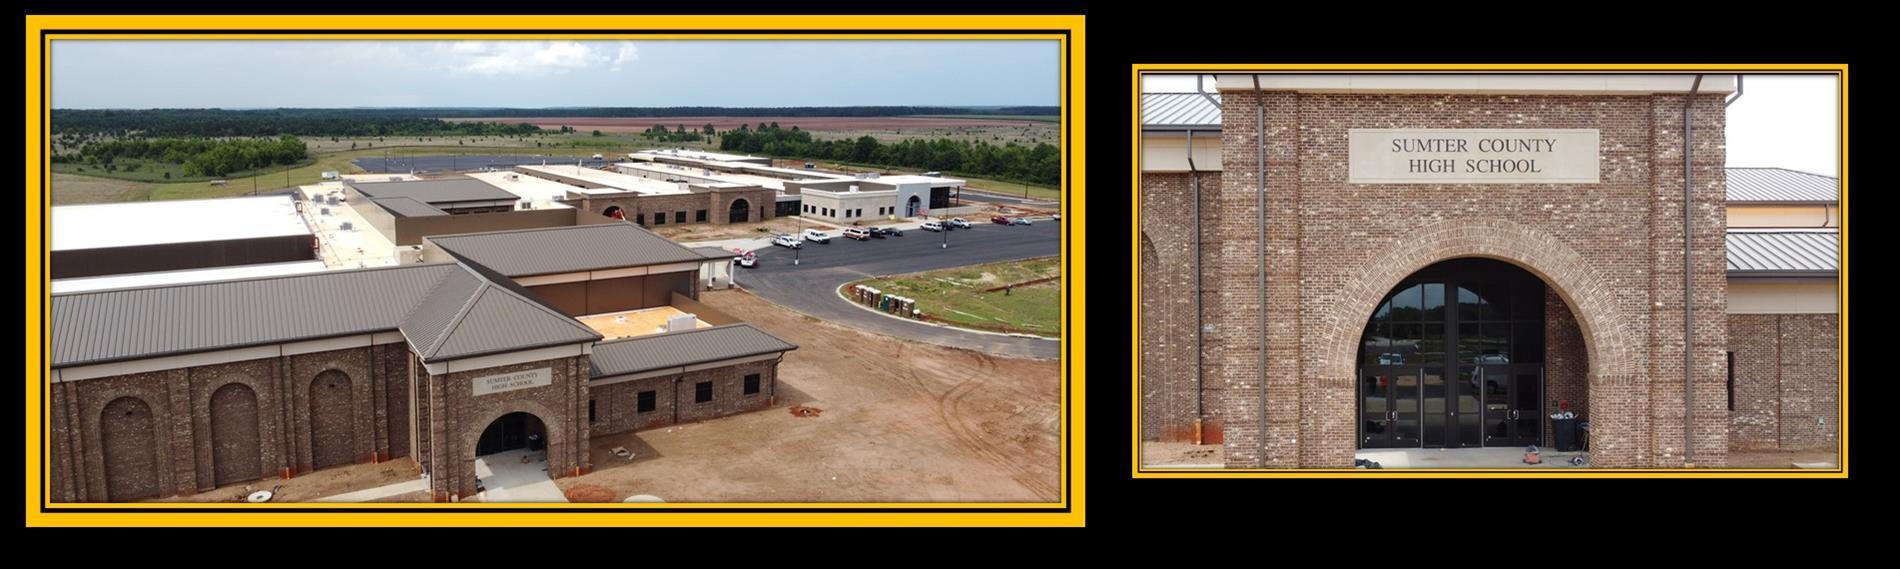 New High School - June 2021